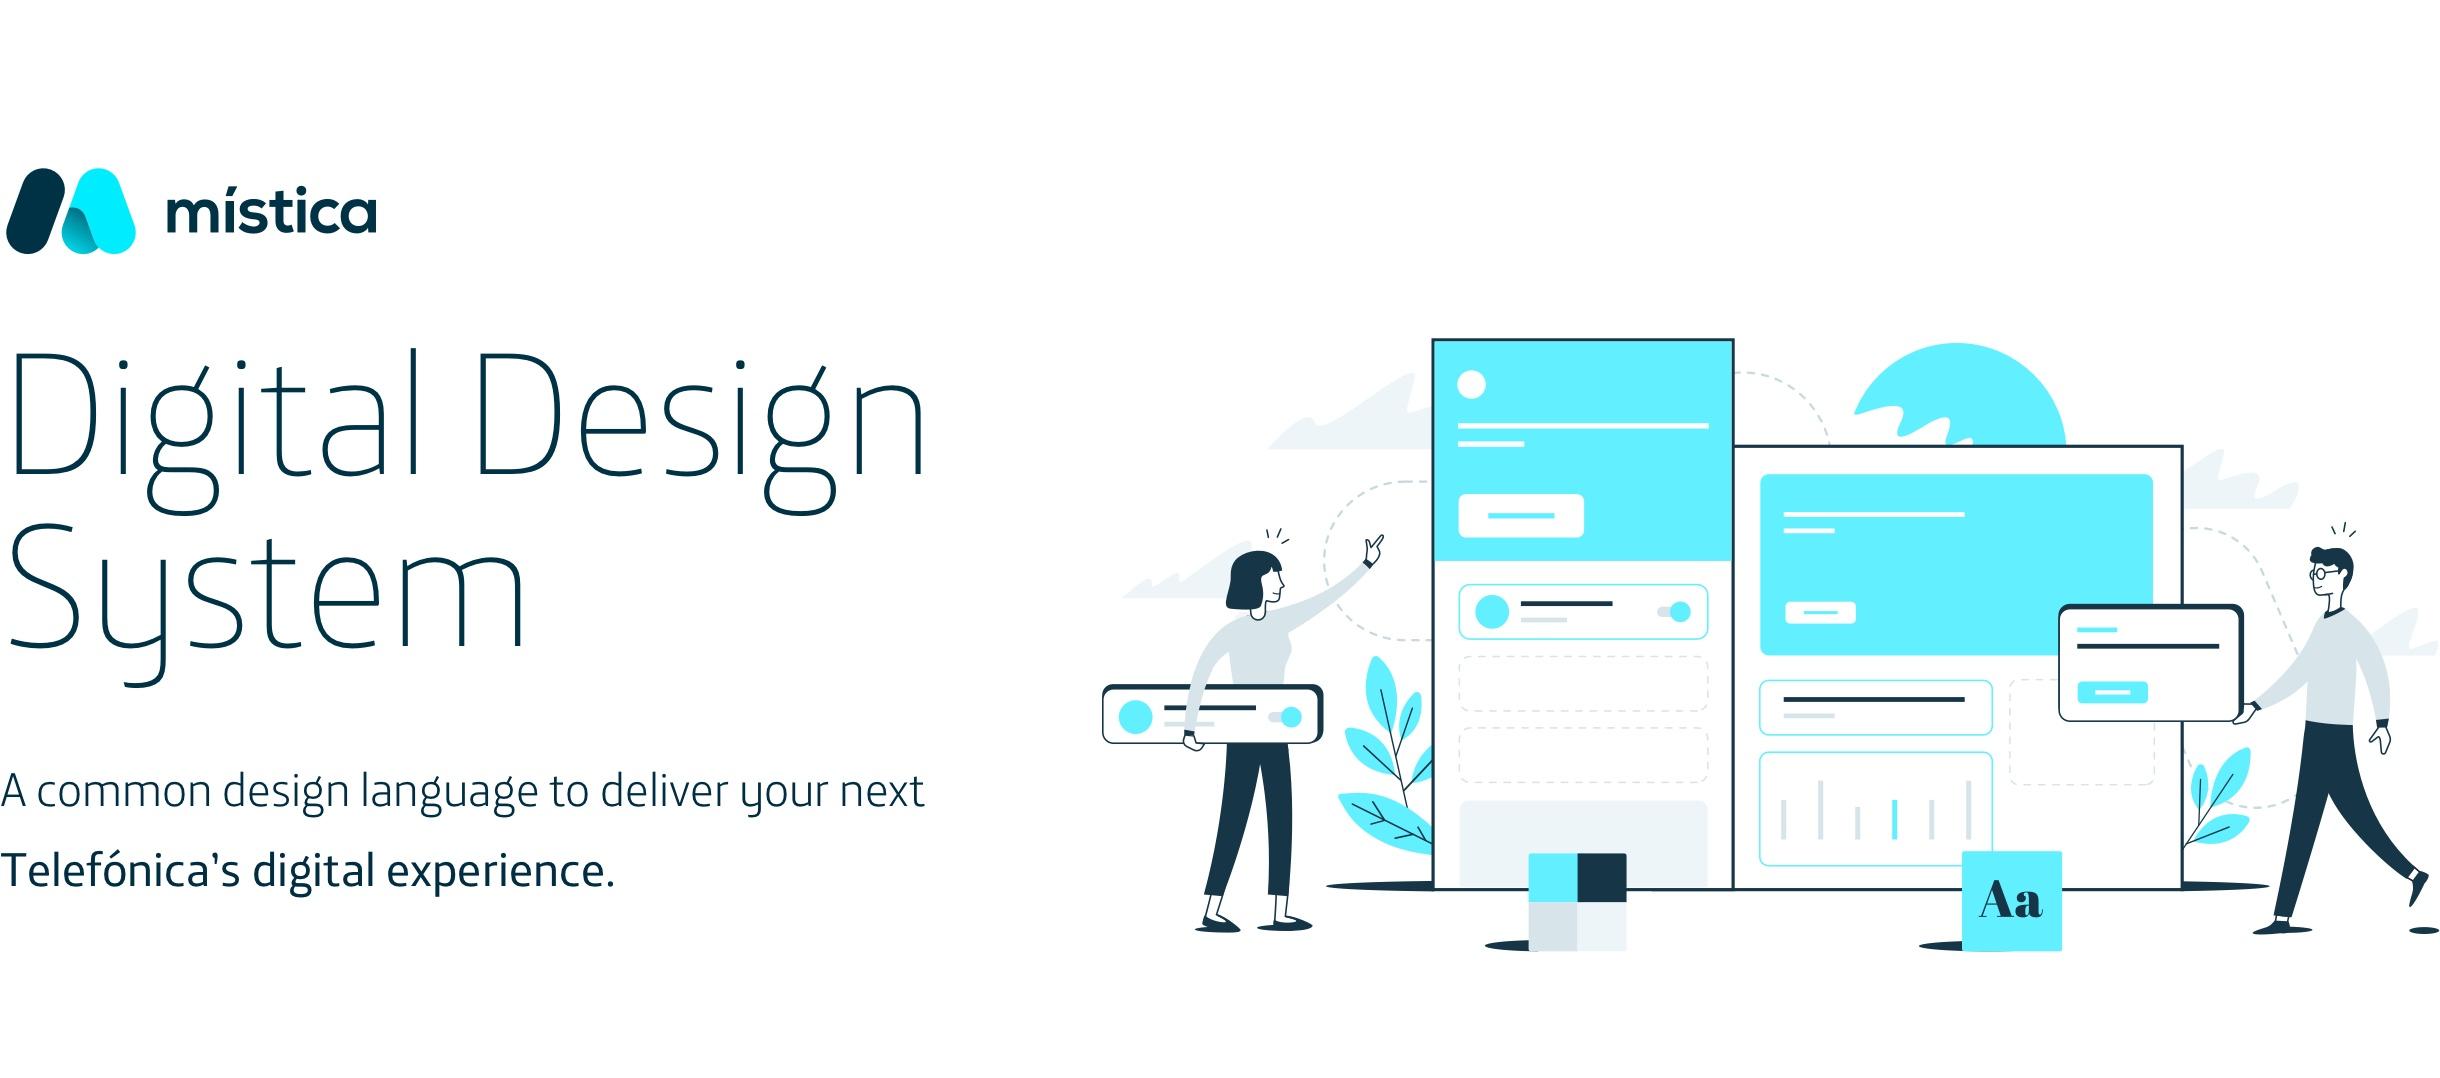 Mística, el sistema de diseño digital de Telefónica que usa componentes tecnológicos reutilizables